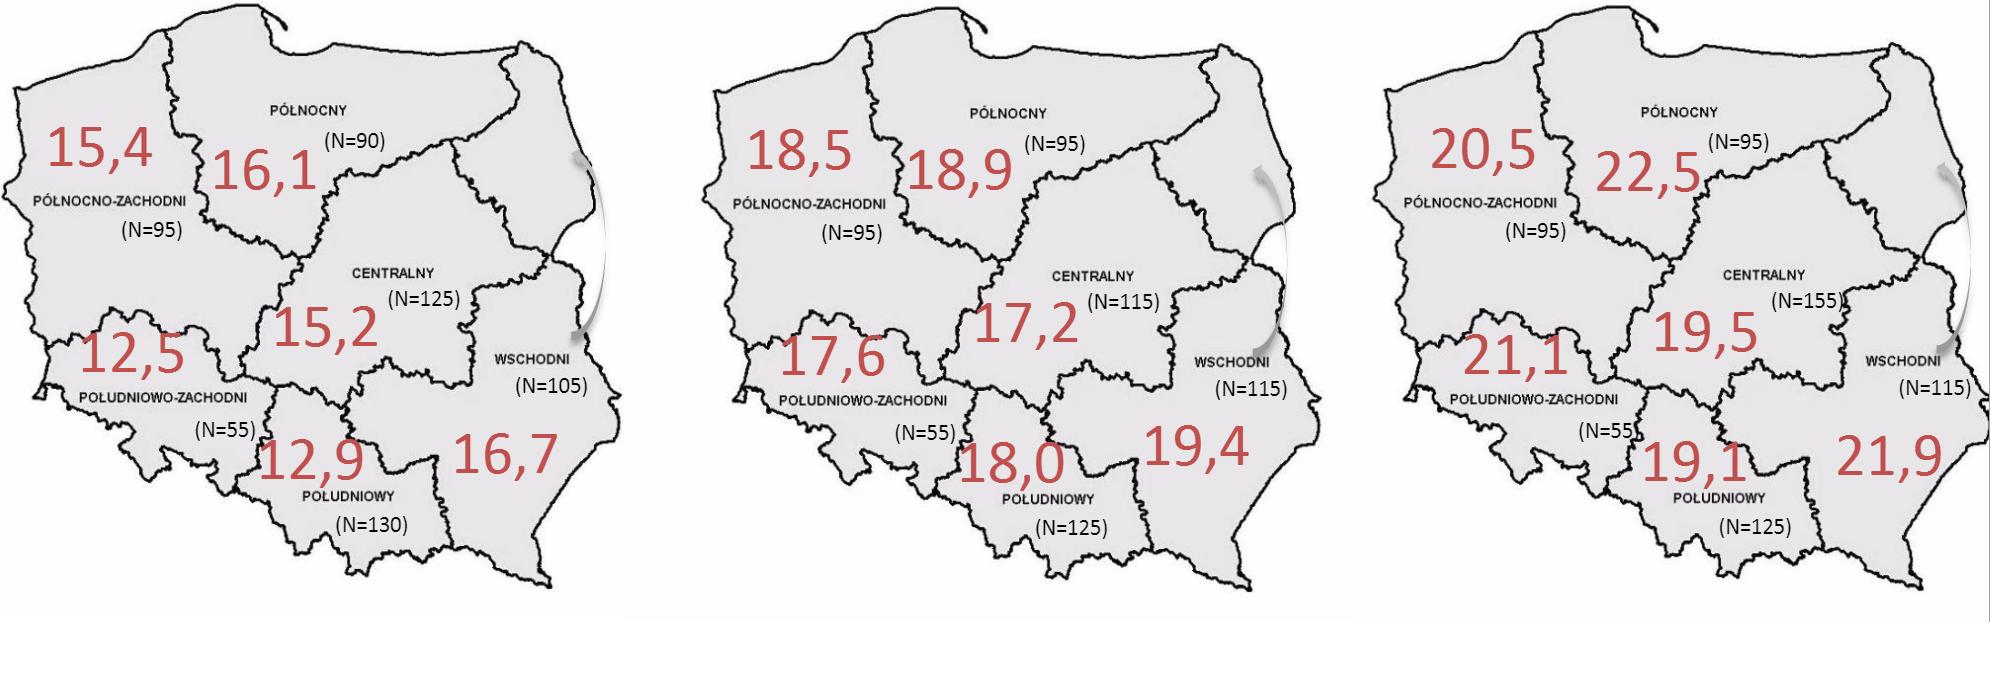 """Zróżnicowanie regionalne kompetencji ekonomicznych uczniów. (Źródło: """"Stocznia"""